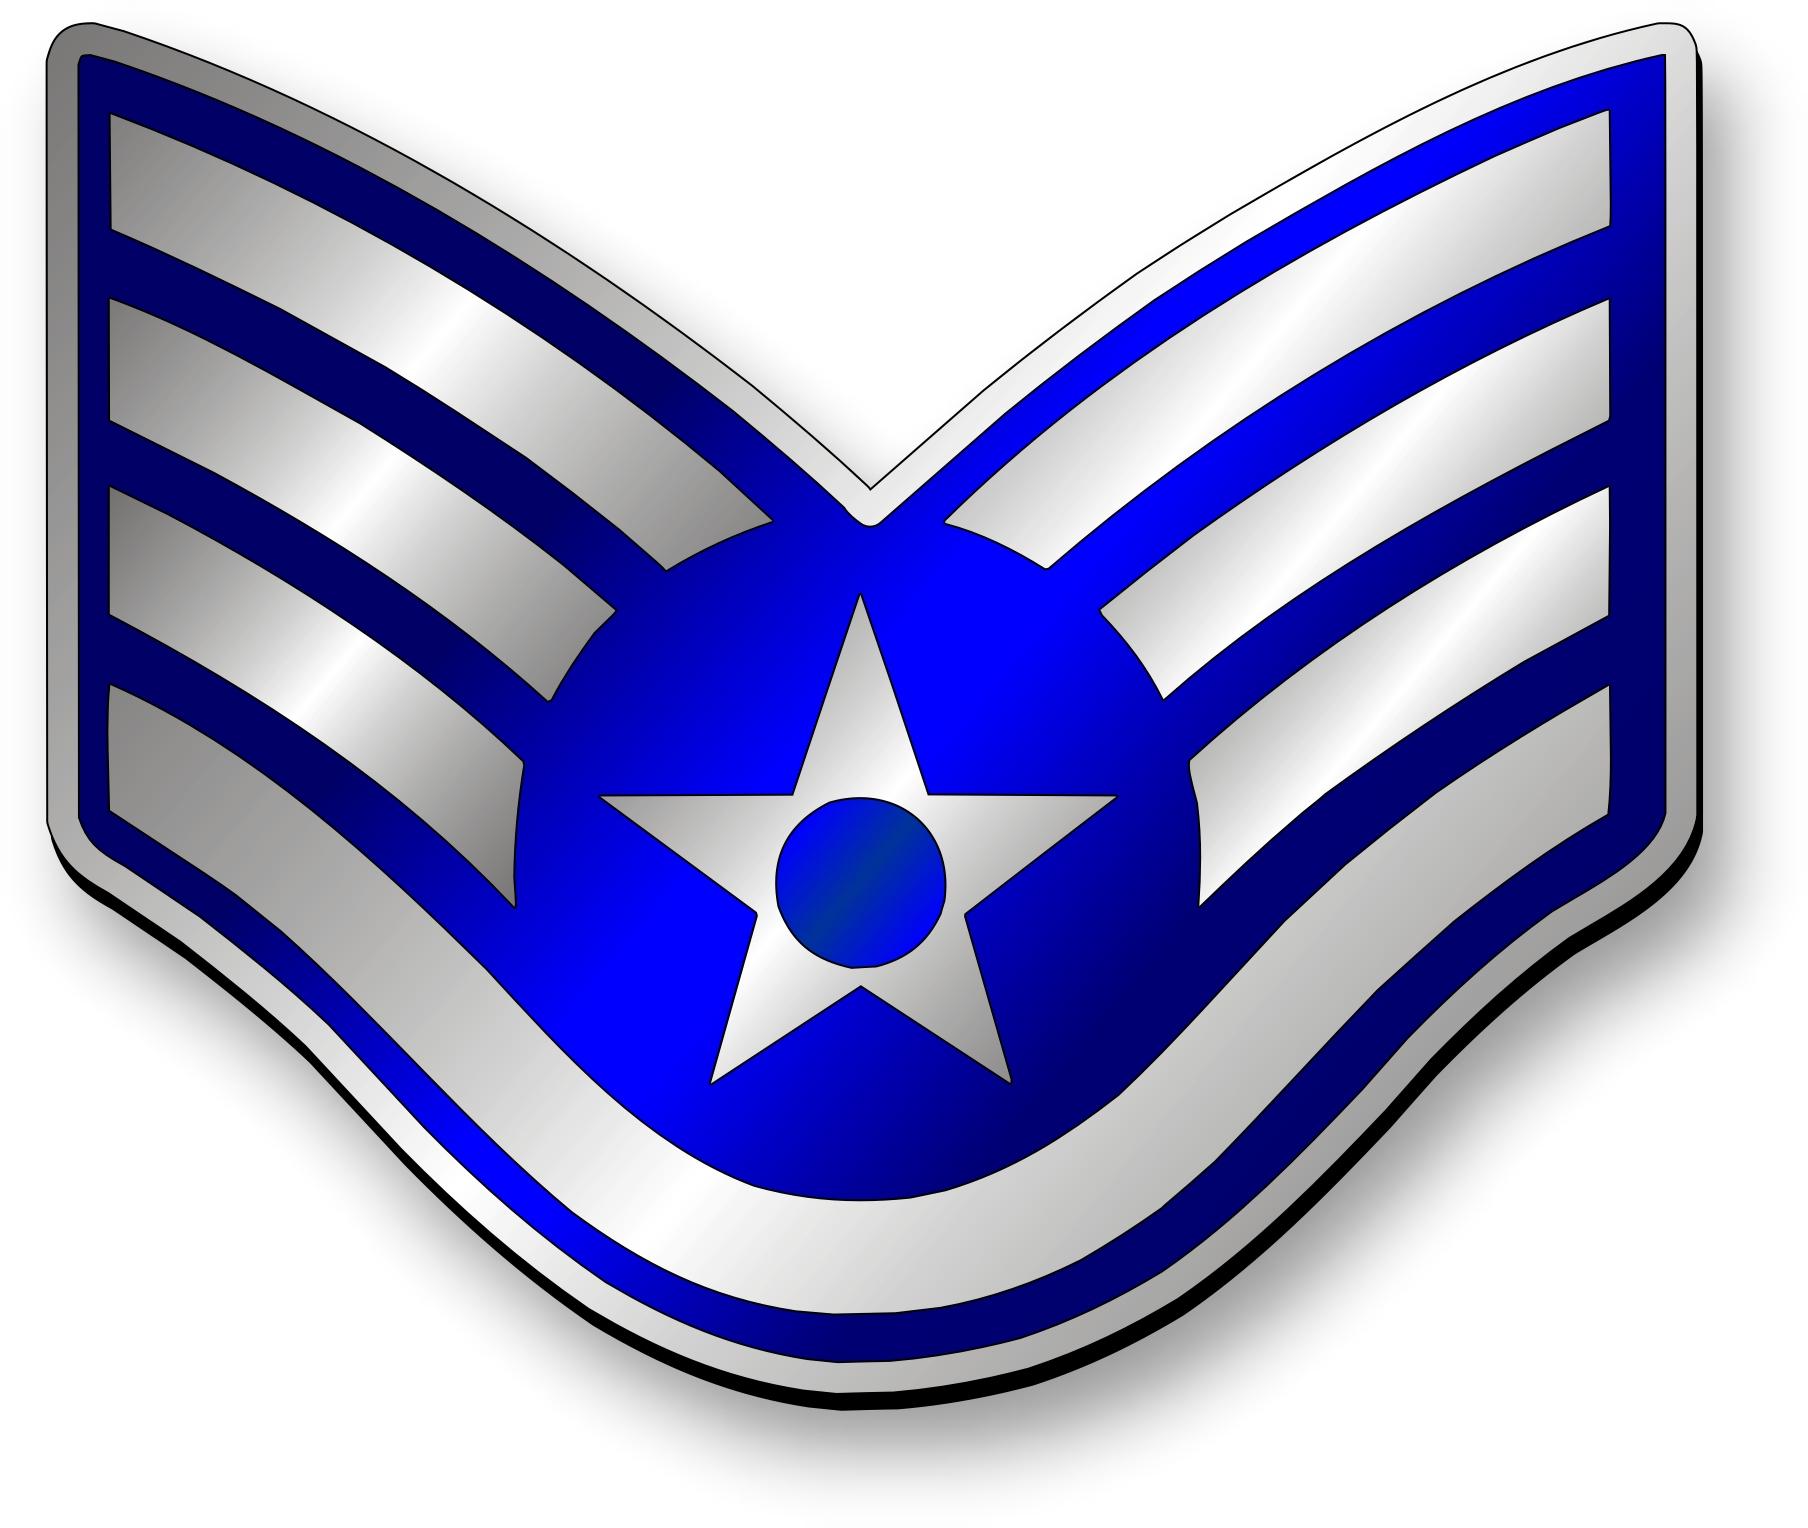 Master sergeant stripes clipart svg stock Ninety-nine selected for staff sergeant at Incirlik > Incirlik Air ... svg stock